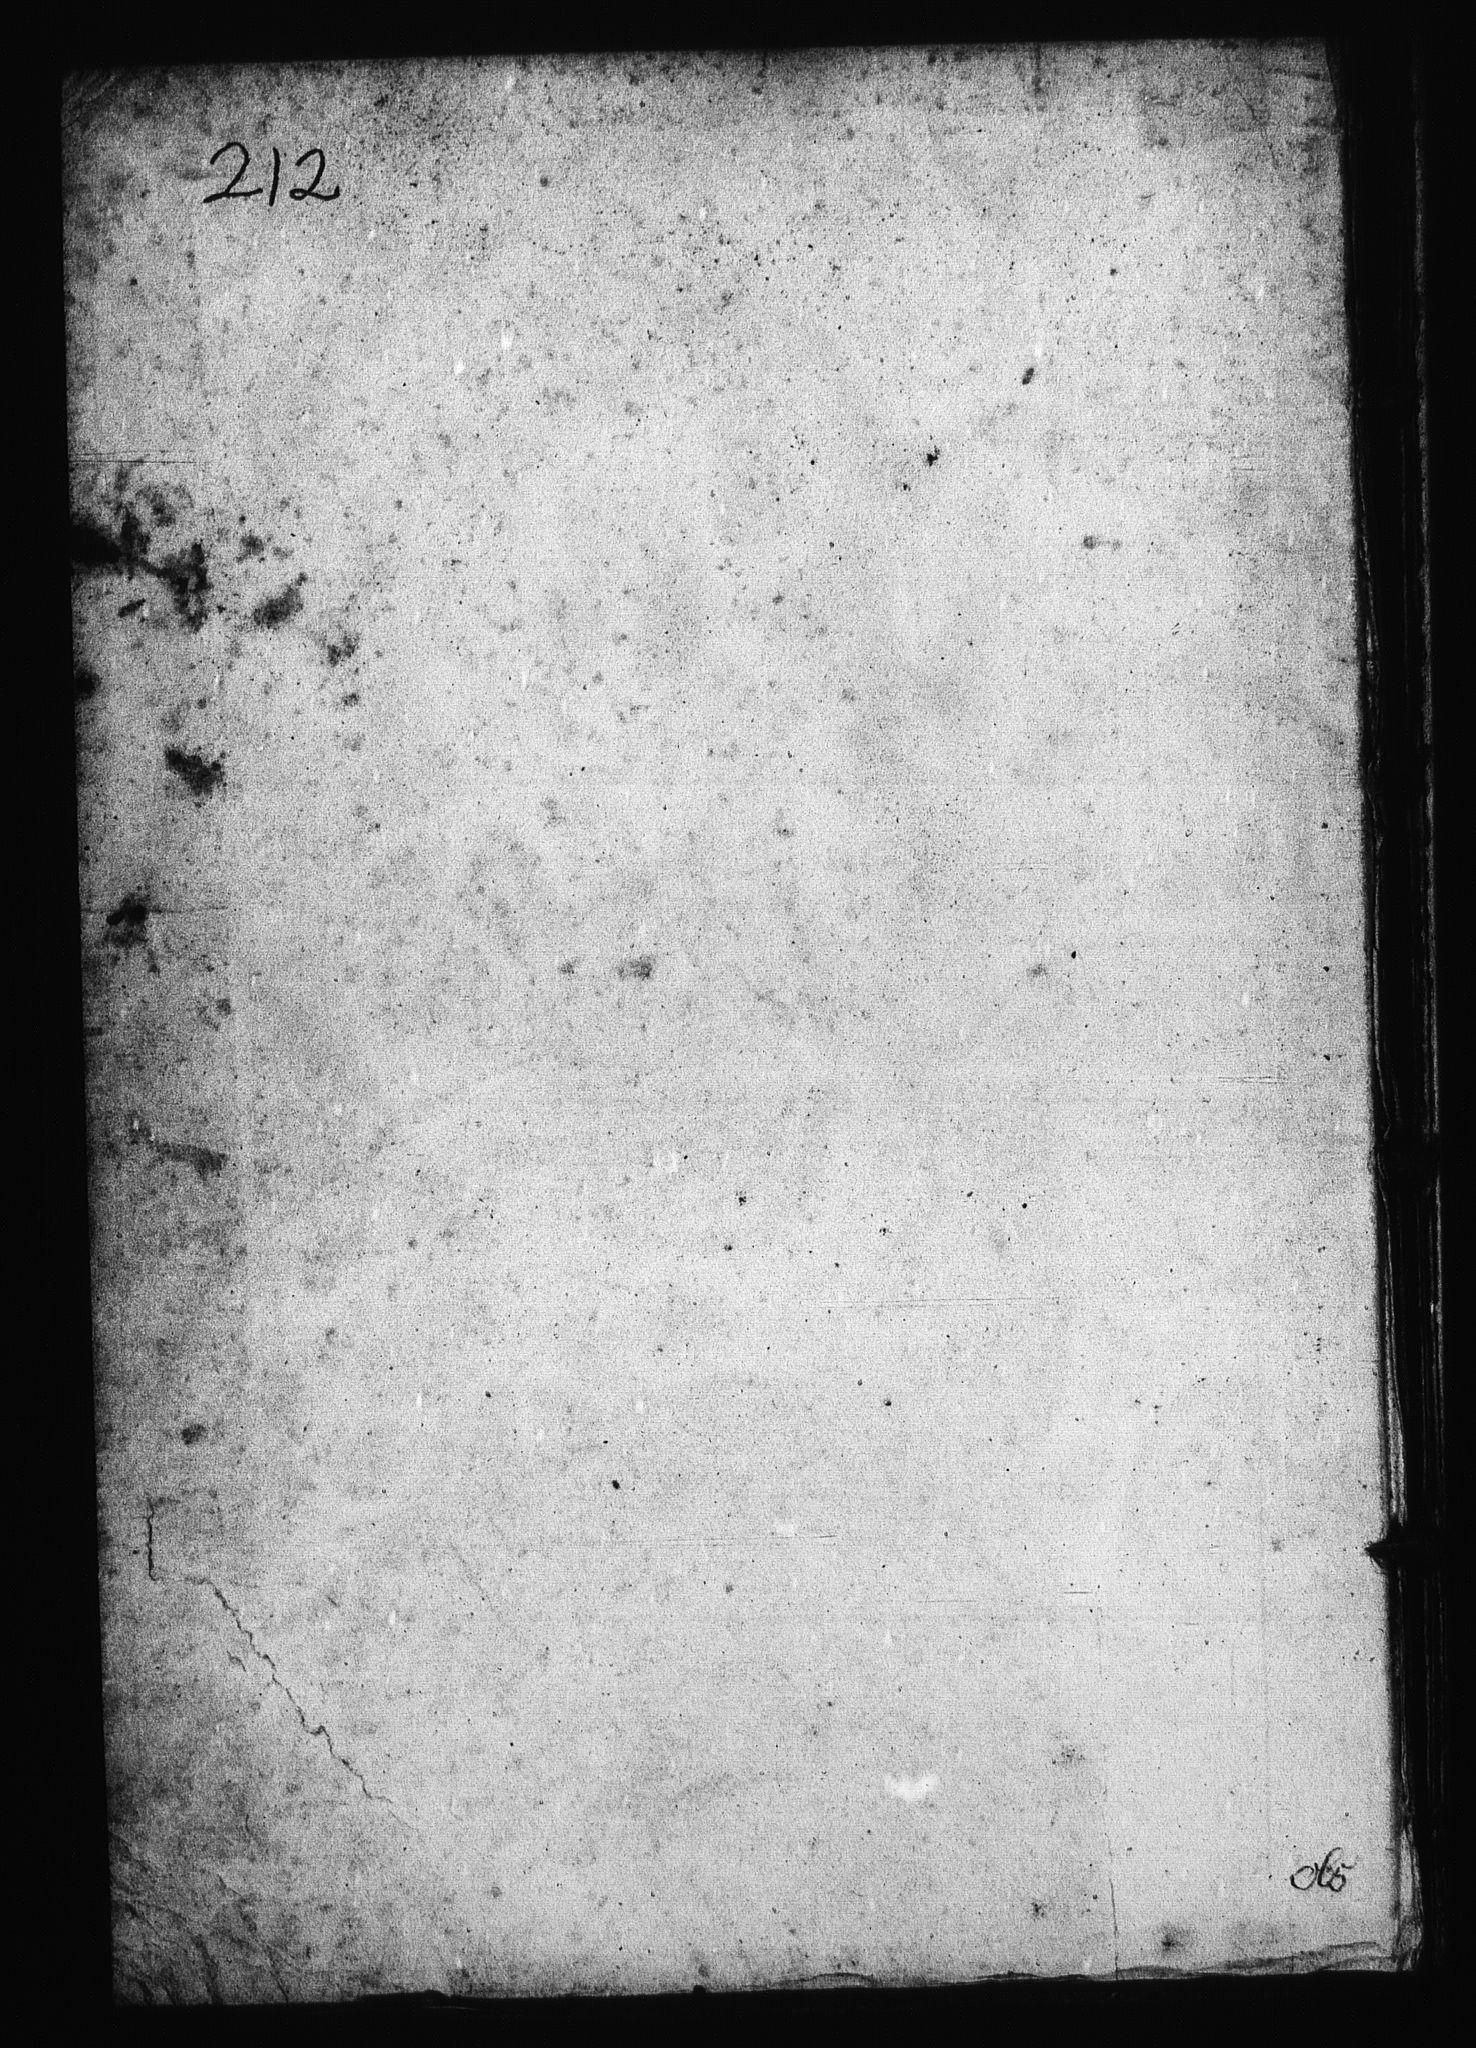 RA, Sjøetaten, F/L0213: Bergen stift, bind 4, 1789